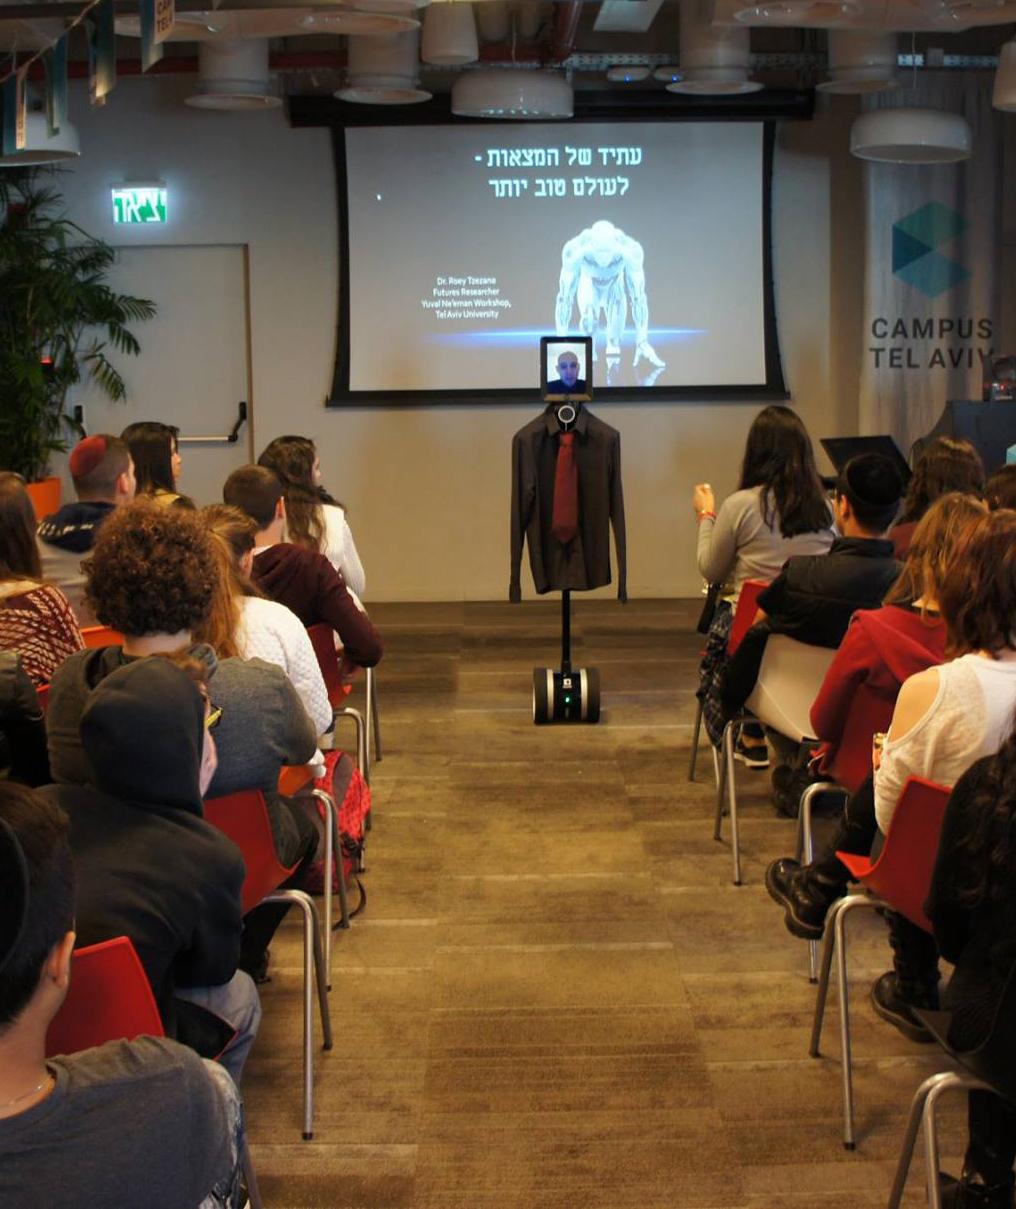 יום פתוח עם רובוטים והרצאות על חדשנות (צילום: יחצ)